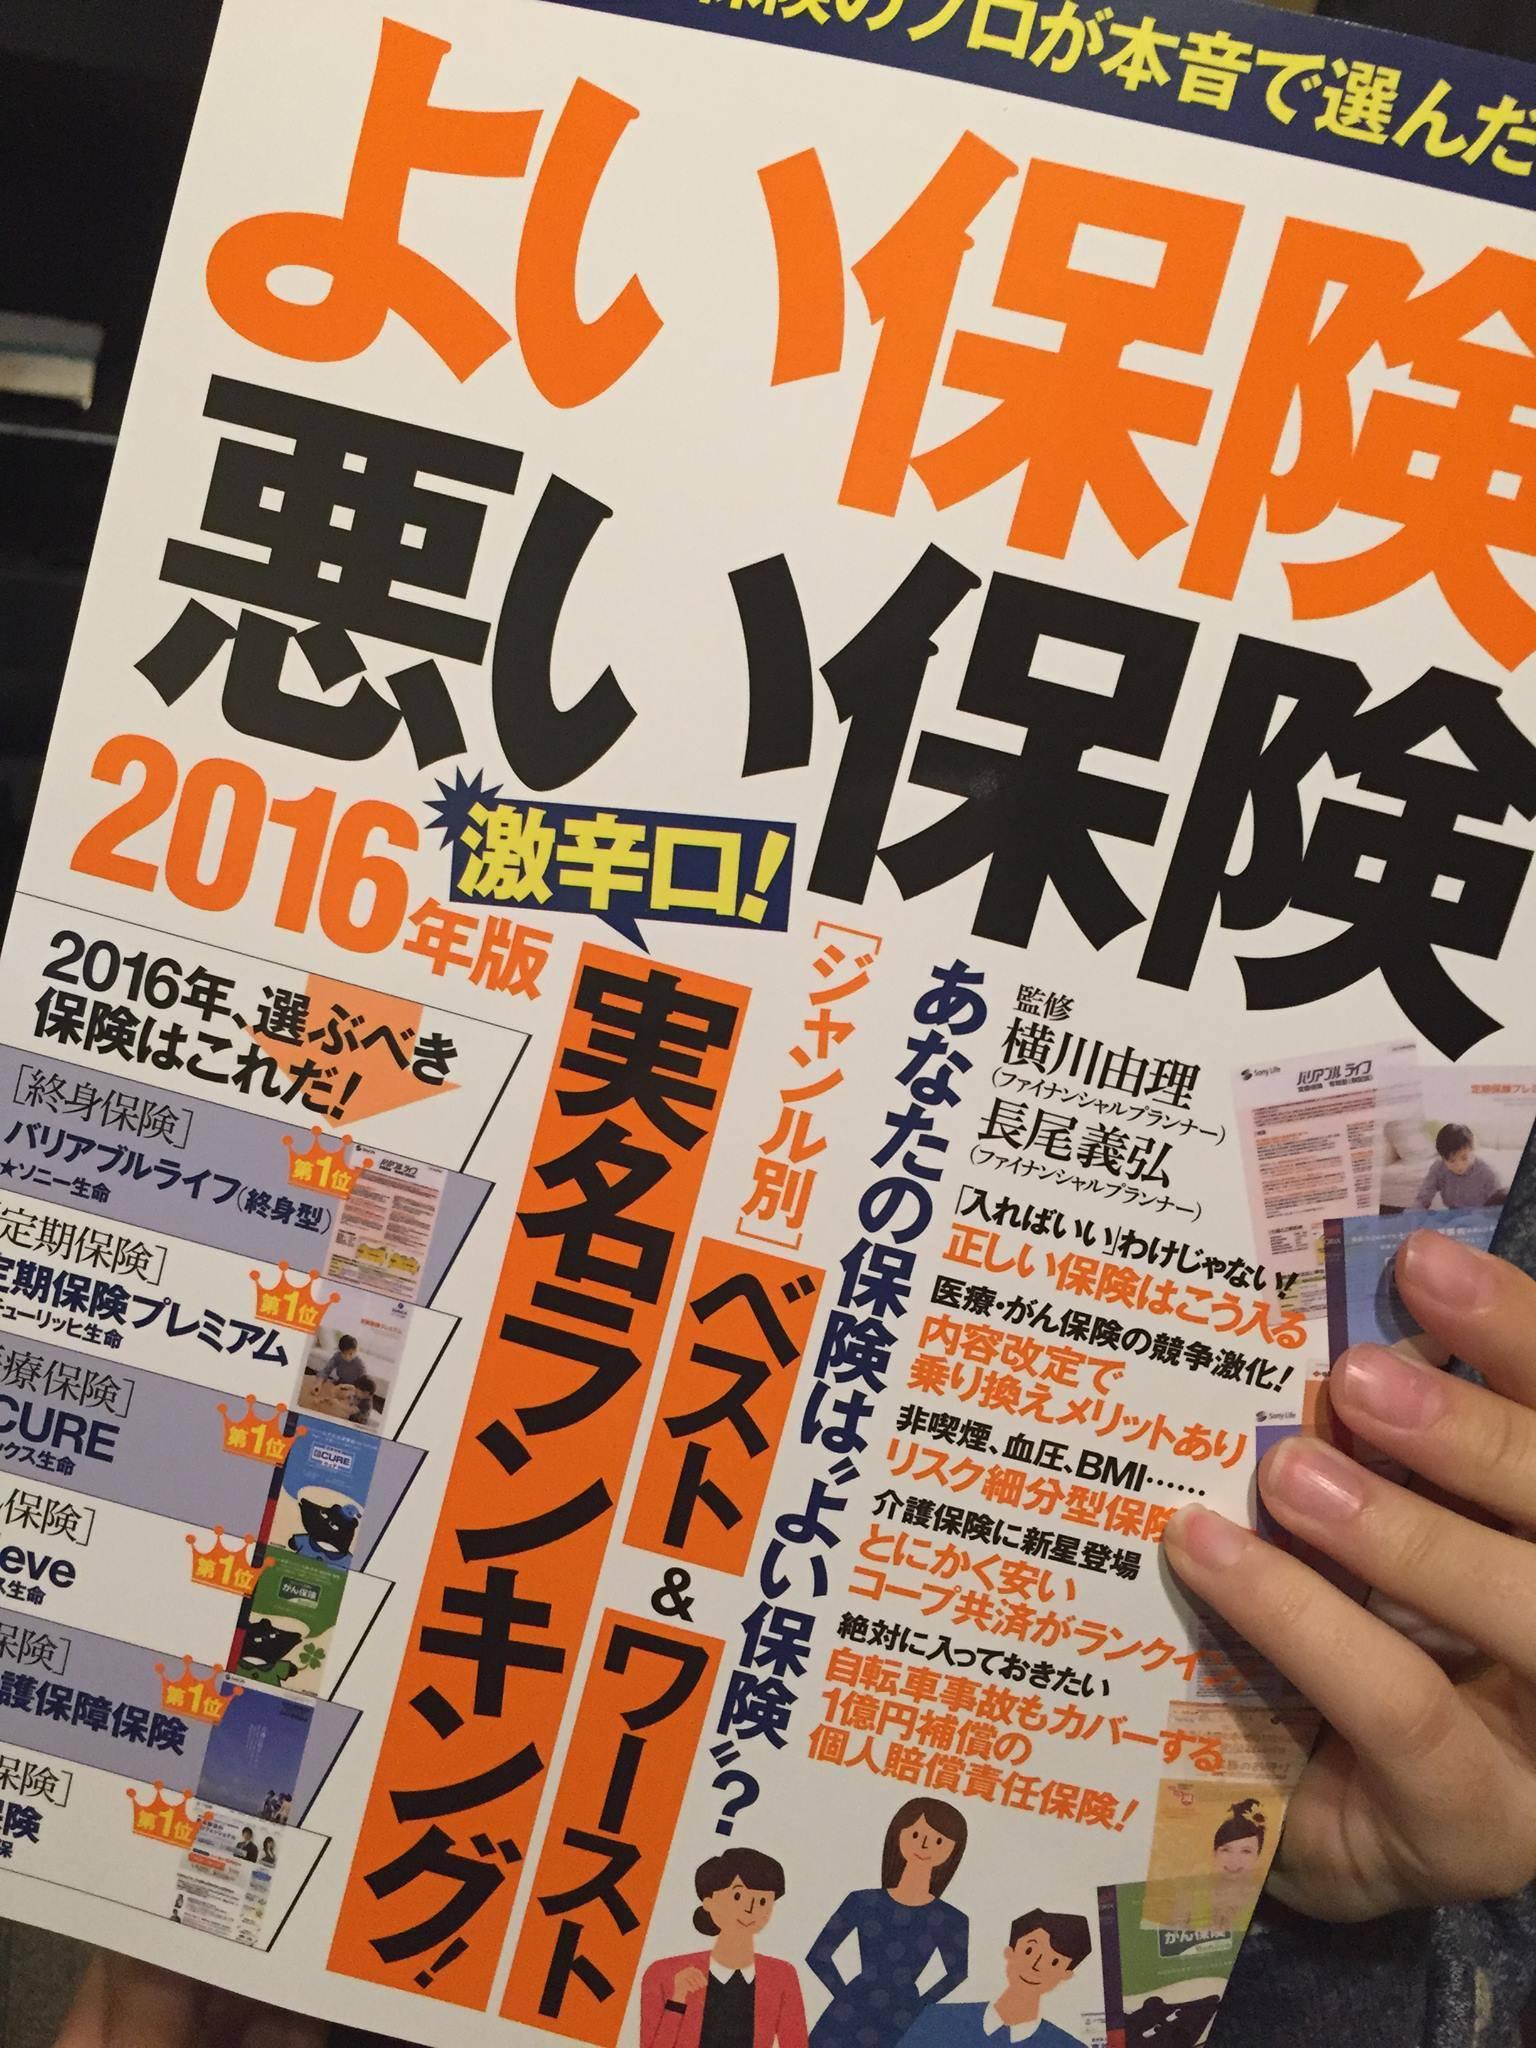 別冊宝島「よい保険悪い保険」にてアンケート取材掲載されました(2015.12)